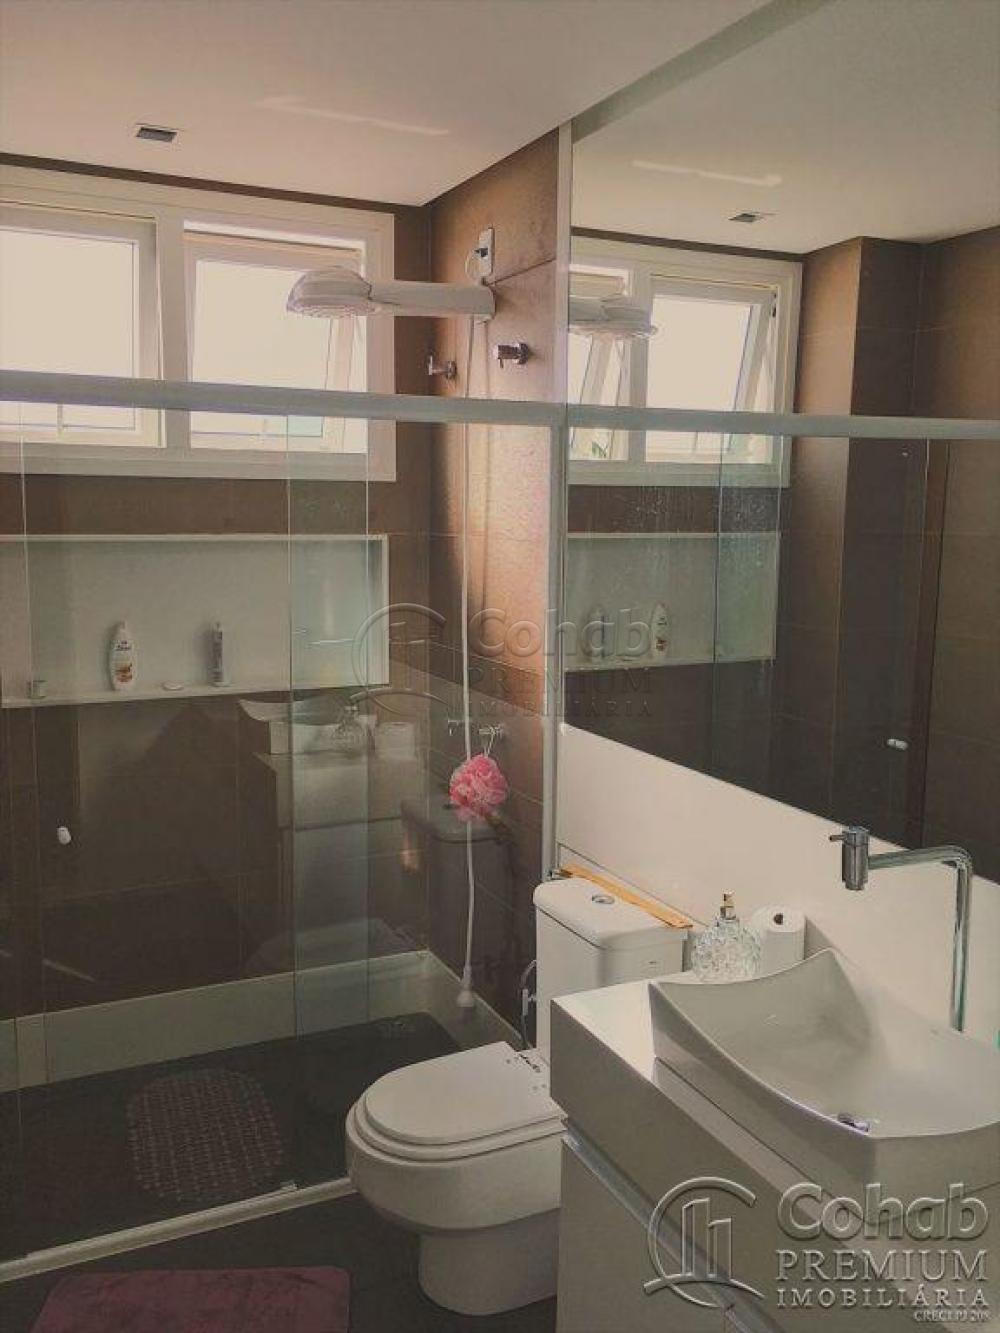 Comprar Casa / Condomínio em Aracaju apenas R$ 2.250.000,00 - Foto 8